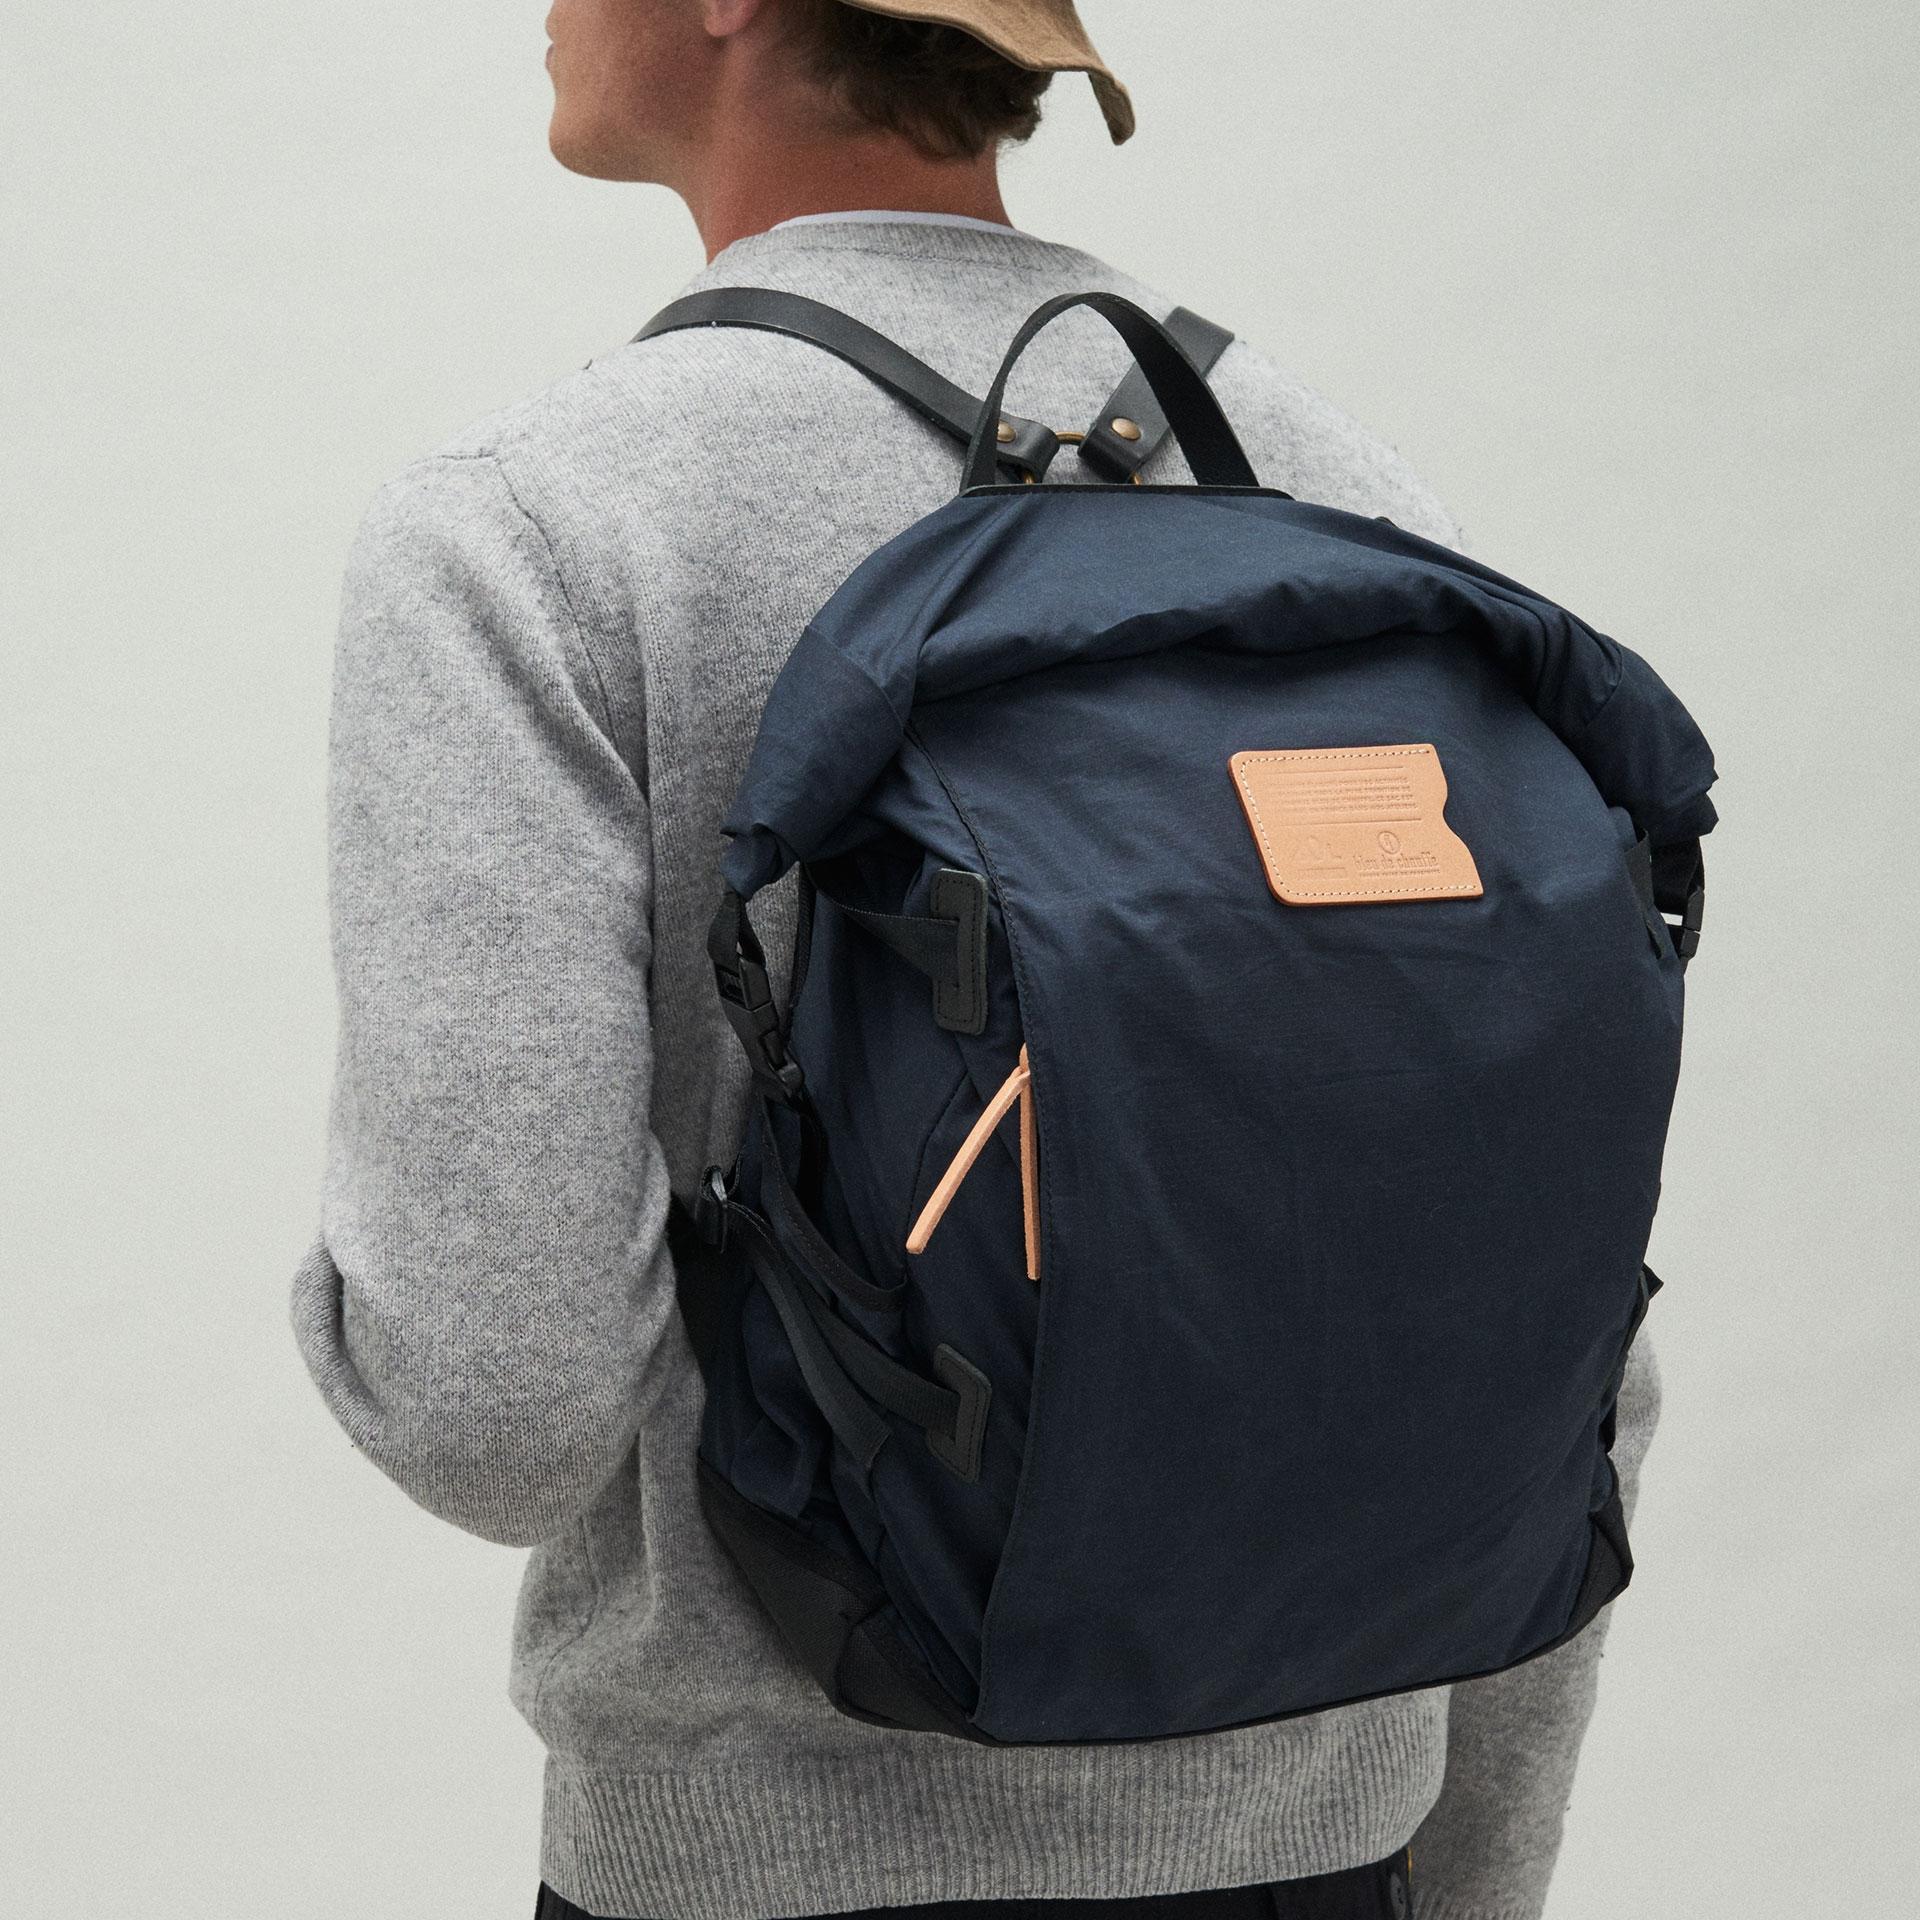 20L Basile Backpack - Hague Blue (image n°6)